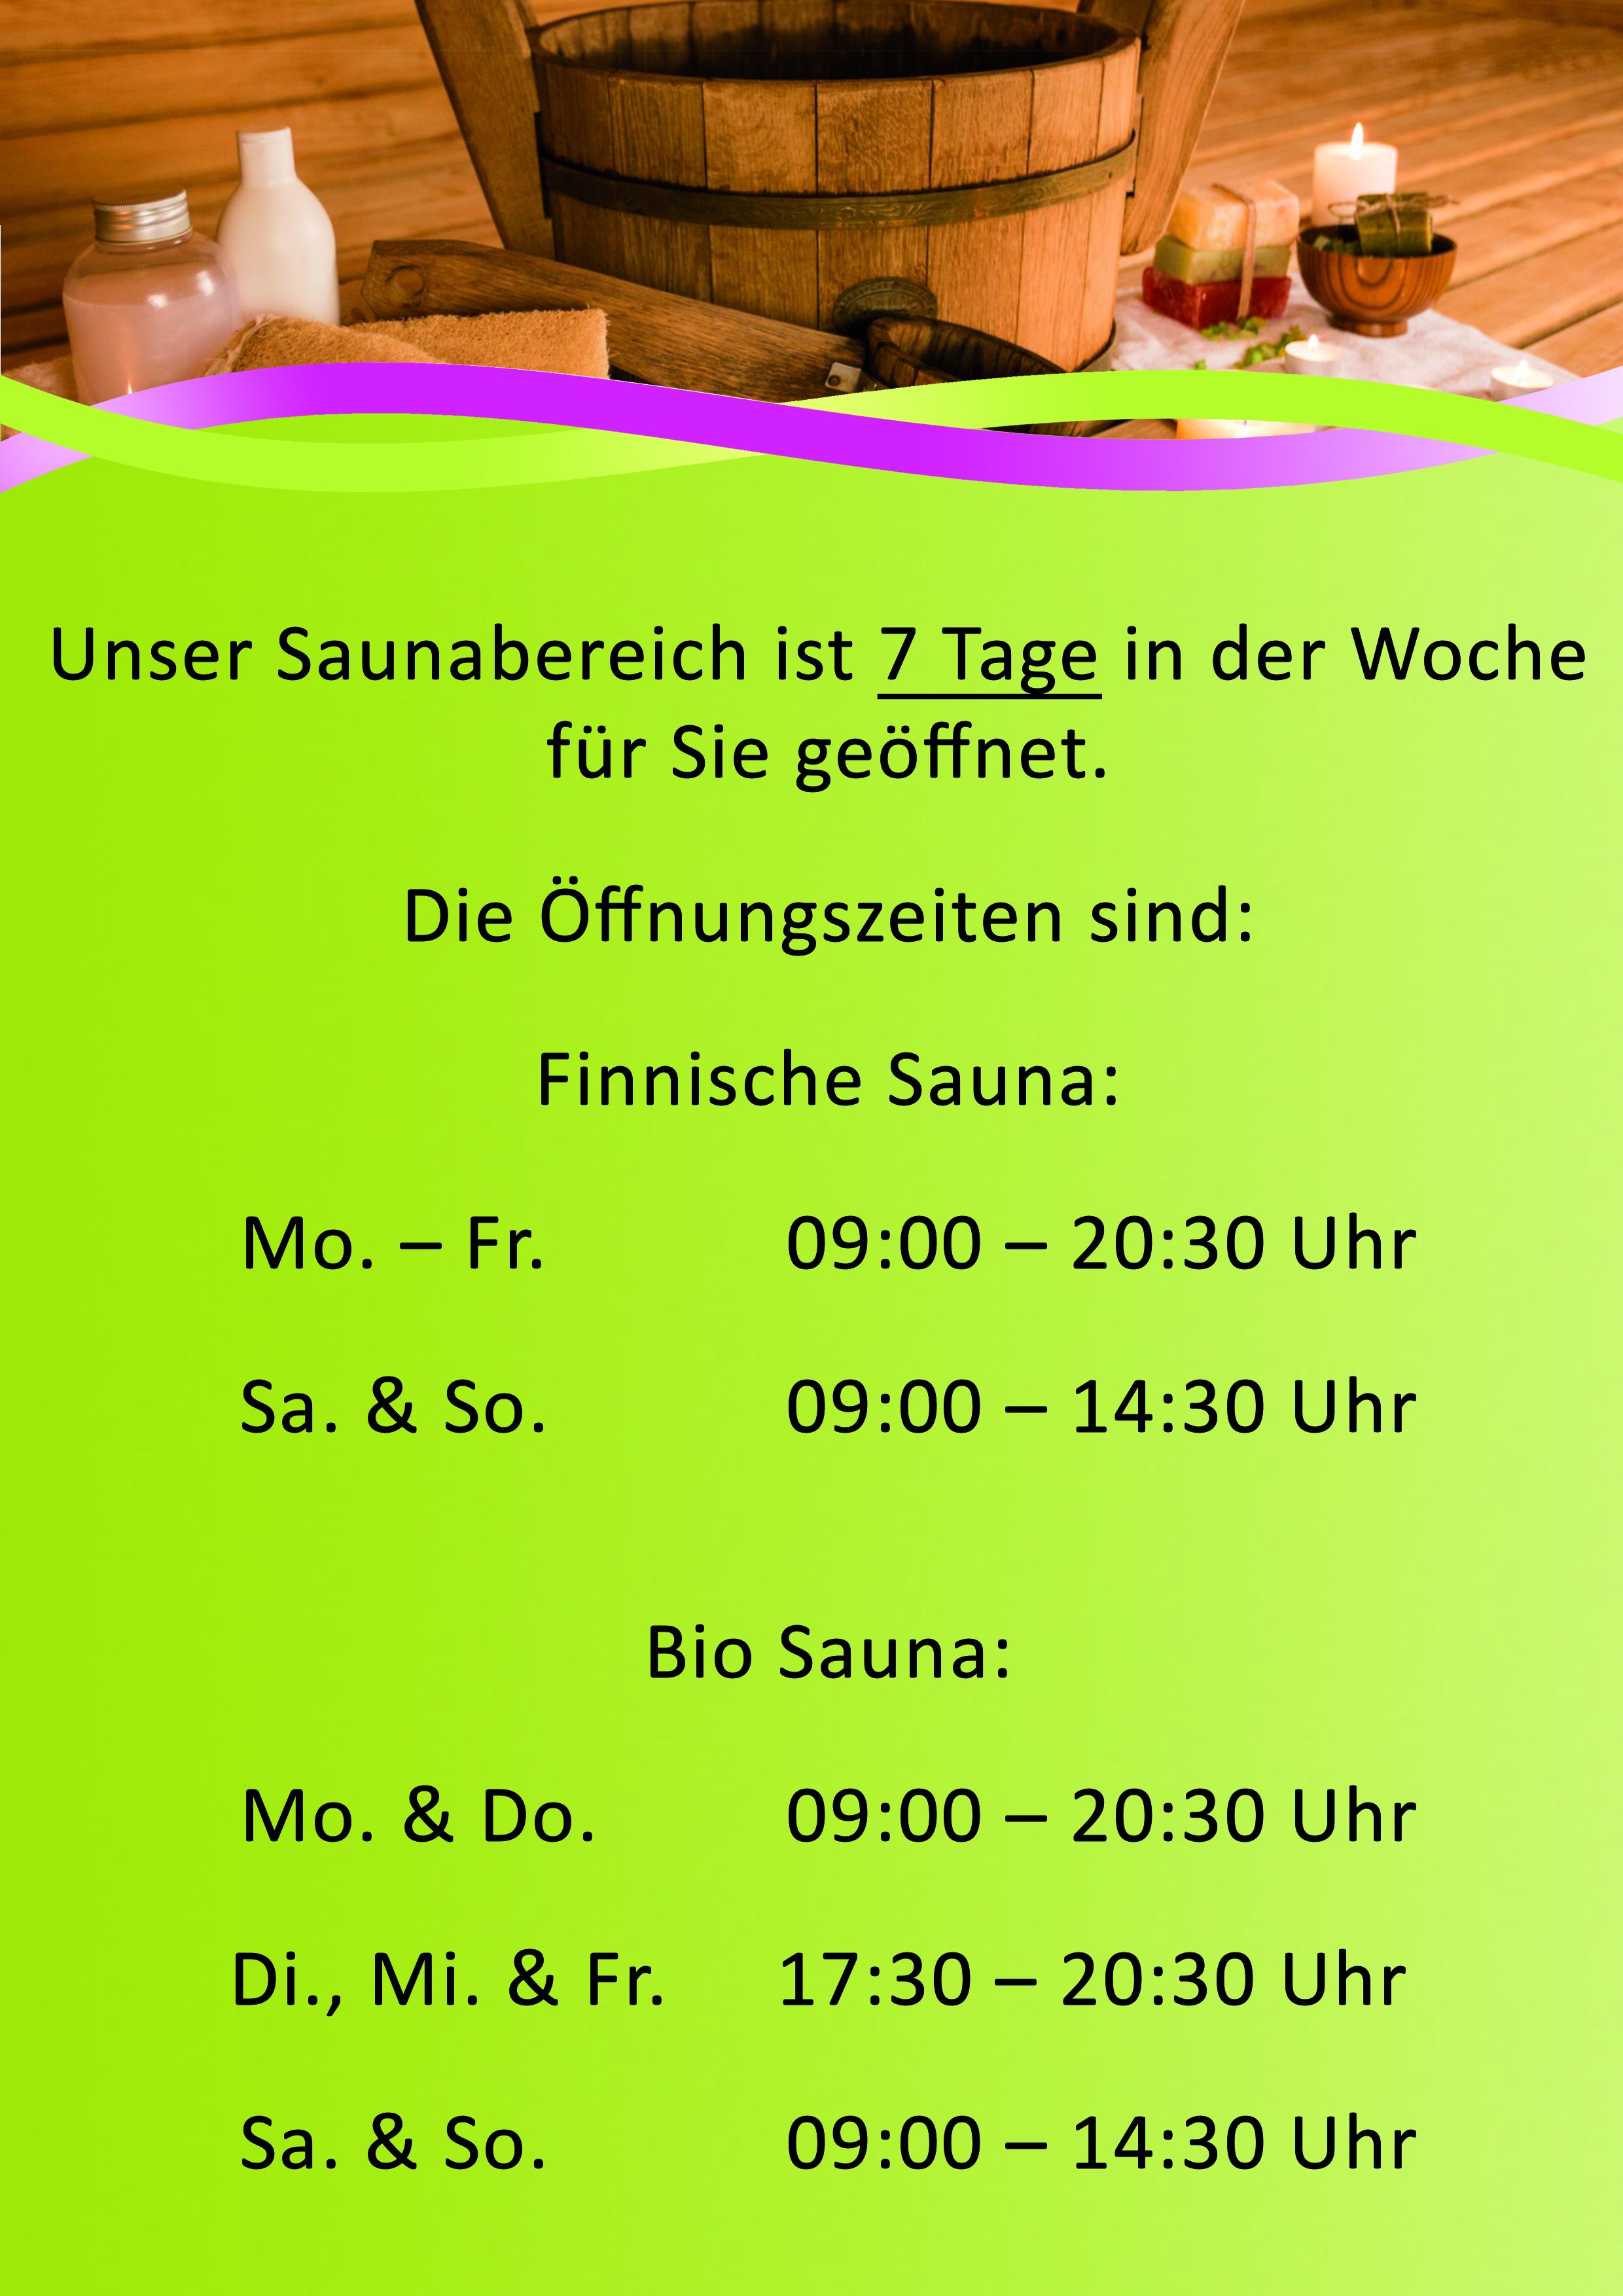 Aushang_MCL_öffnungszeiten_Sauna_2015_NEU